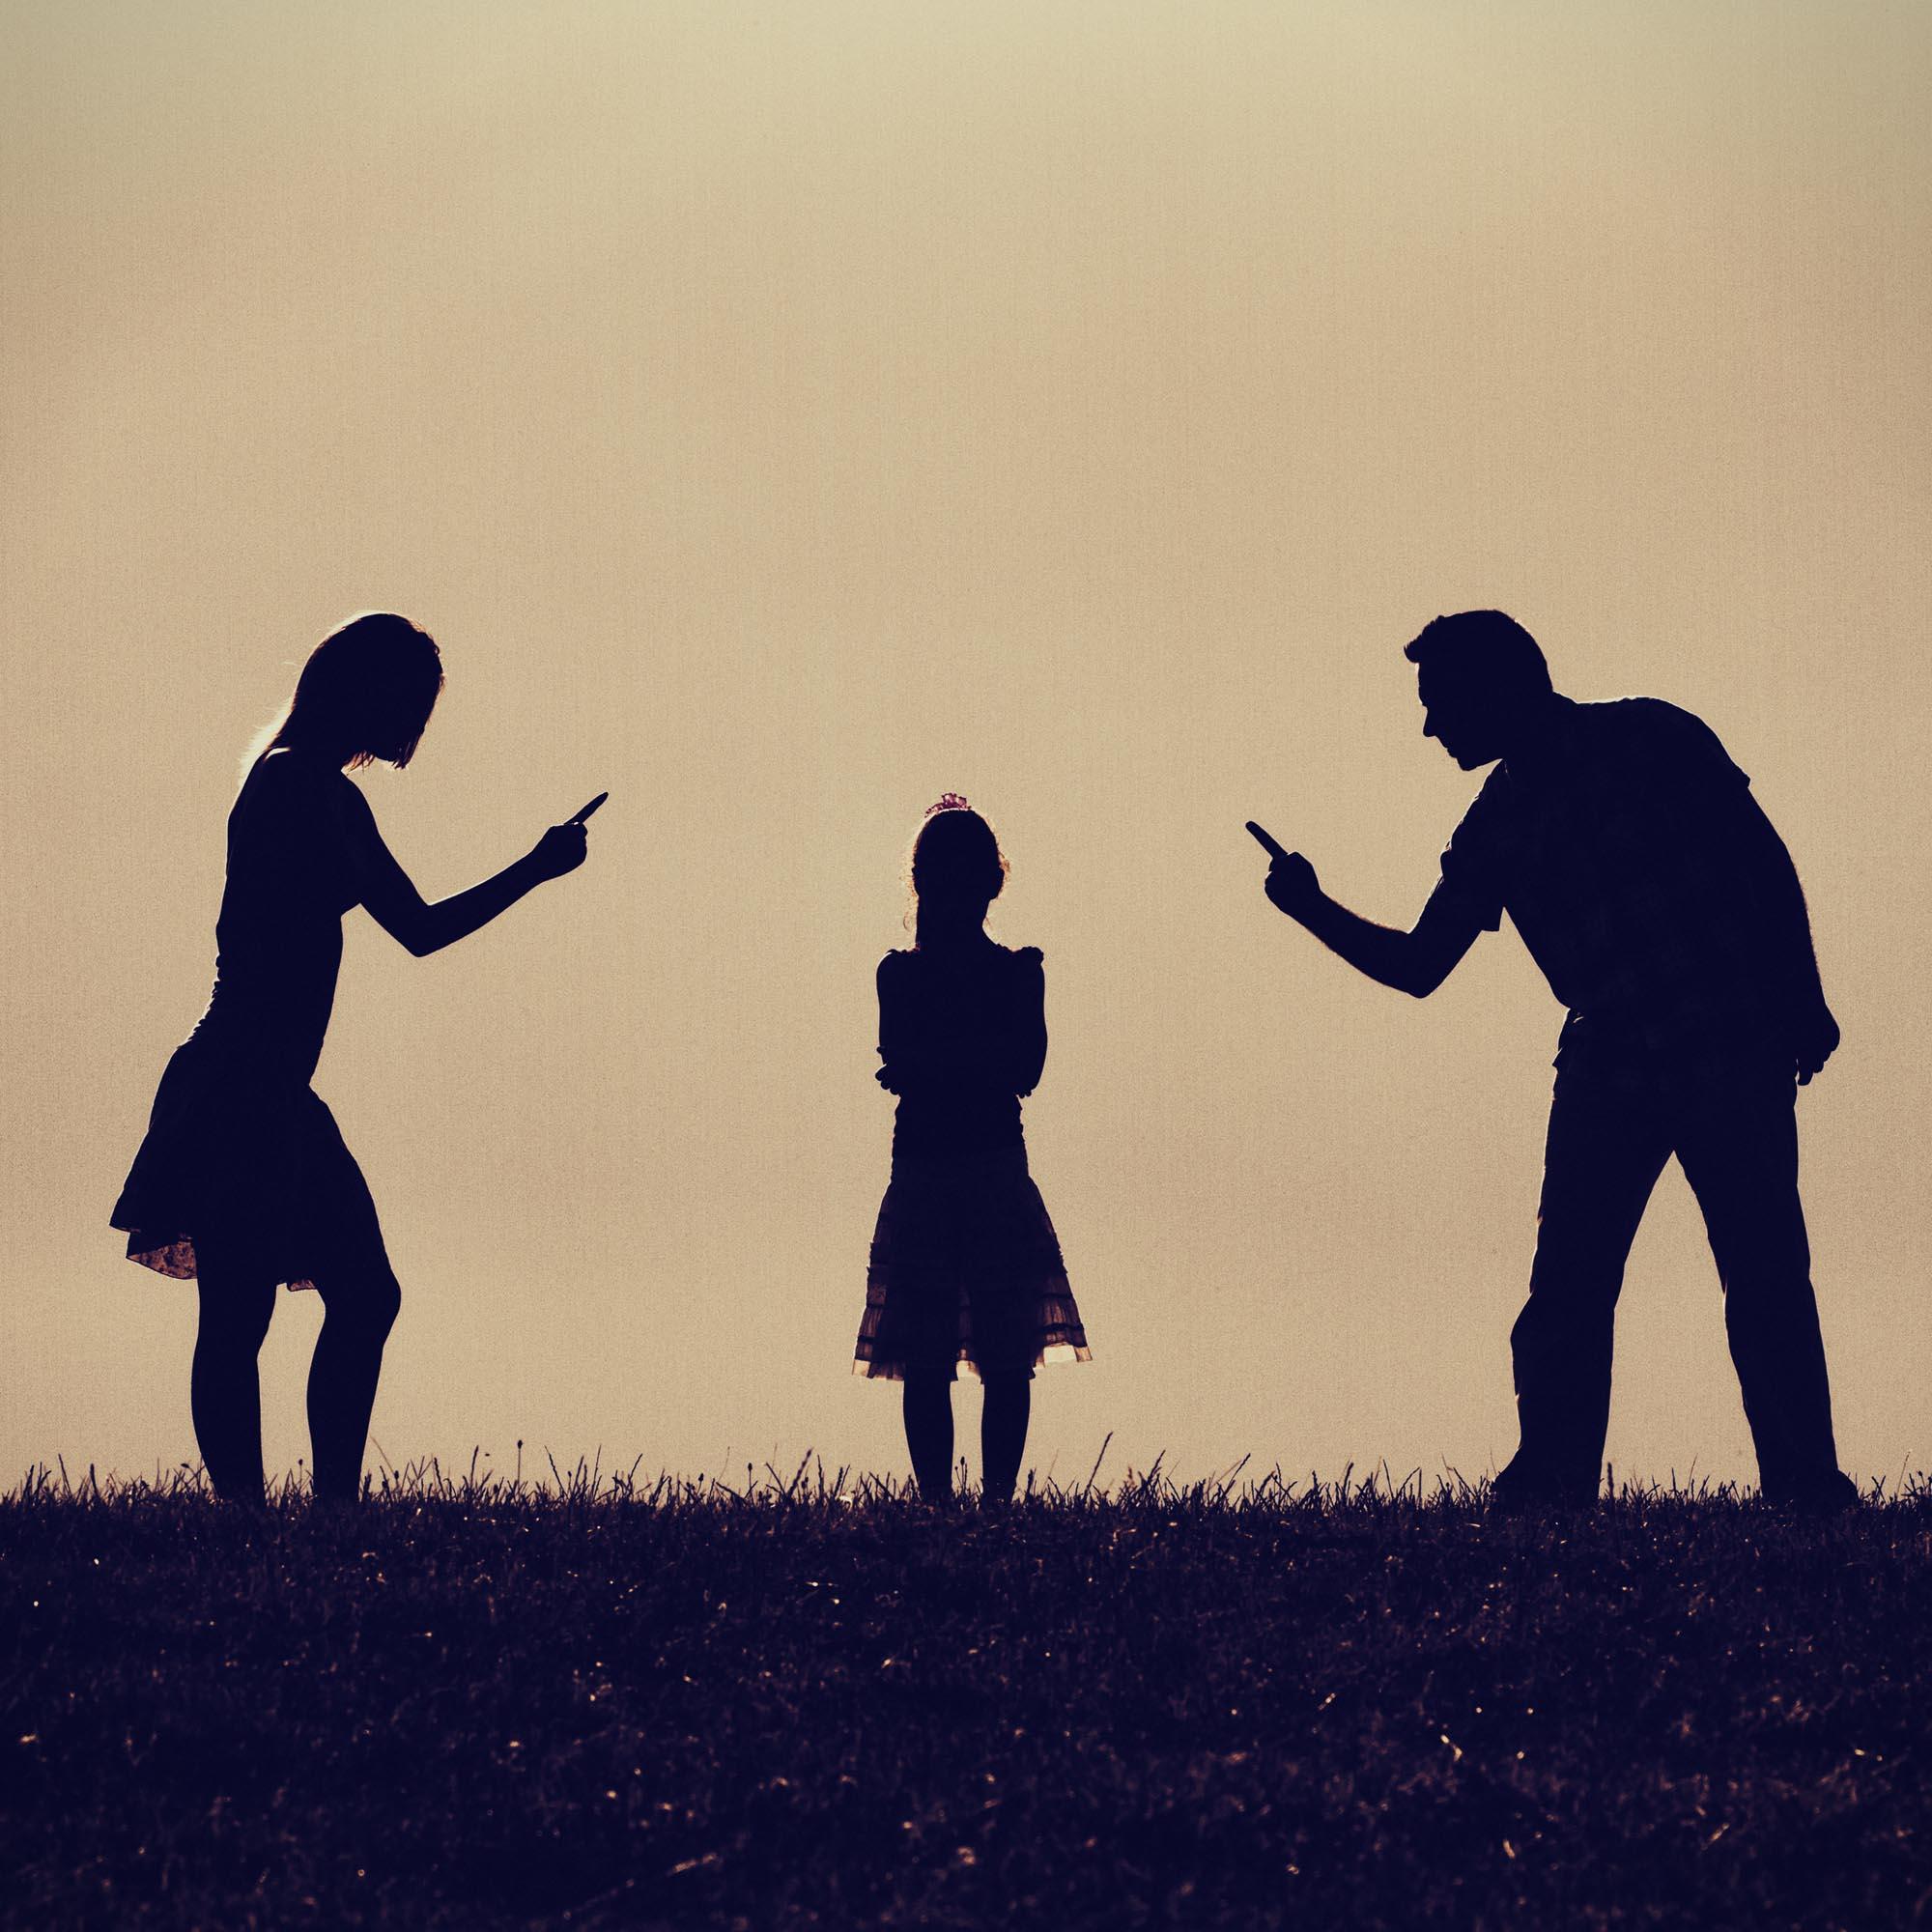 hypnose-conflit-de-famille-autohypnose